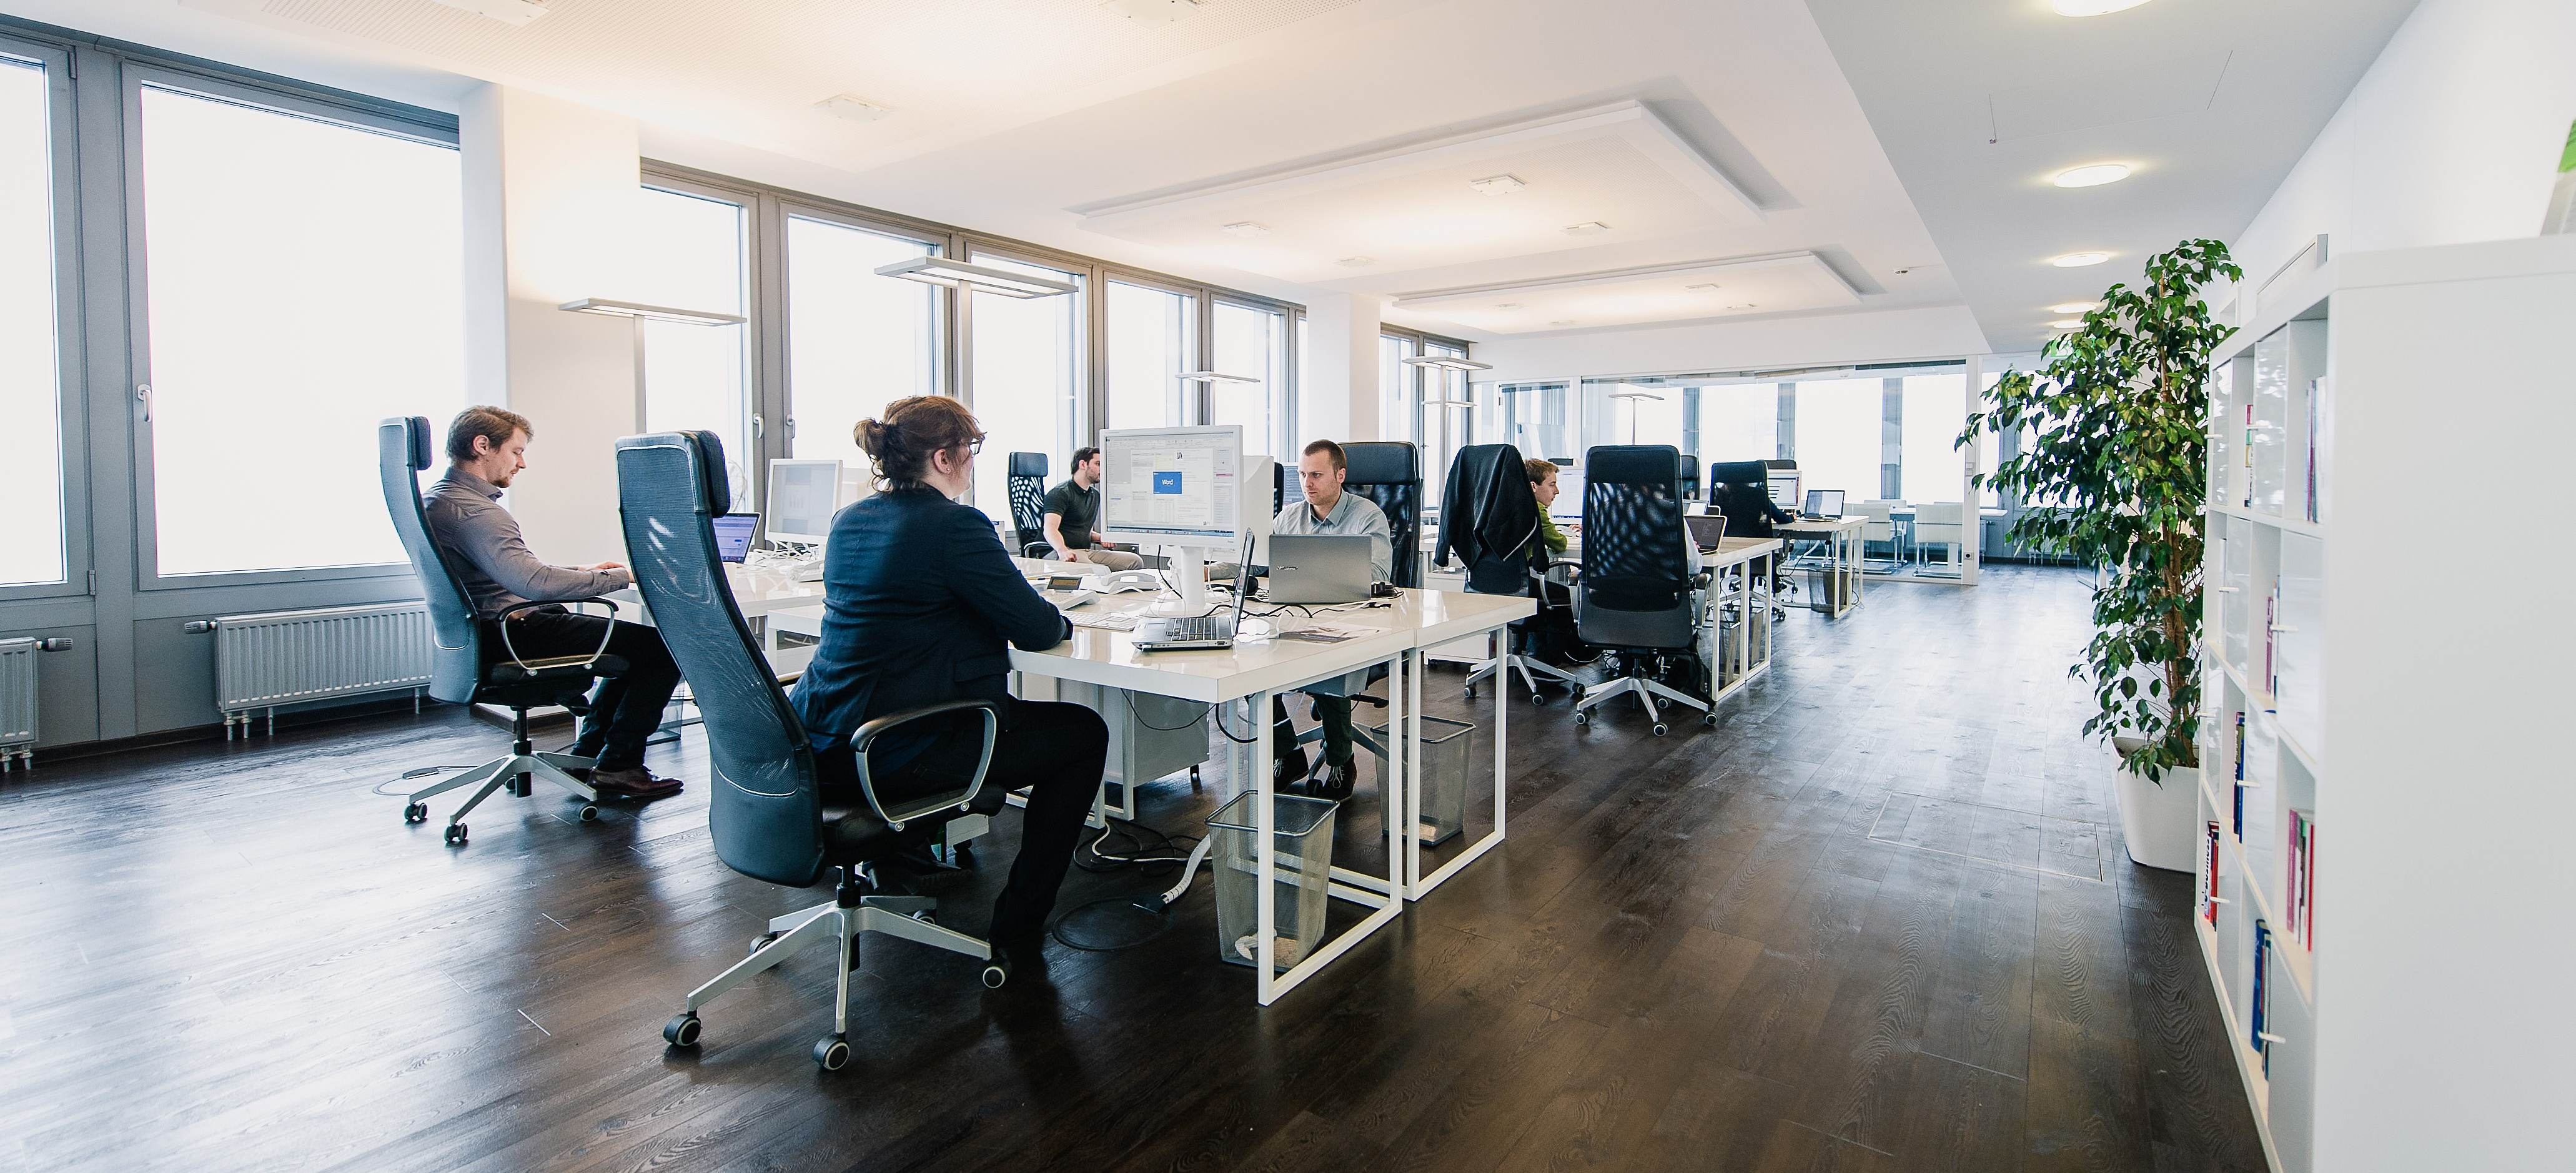 Mobilitatea – un aspect indispensabil pentru zona office